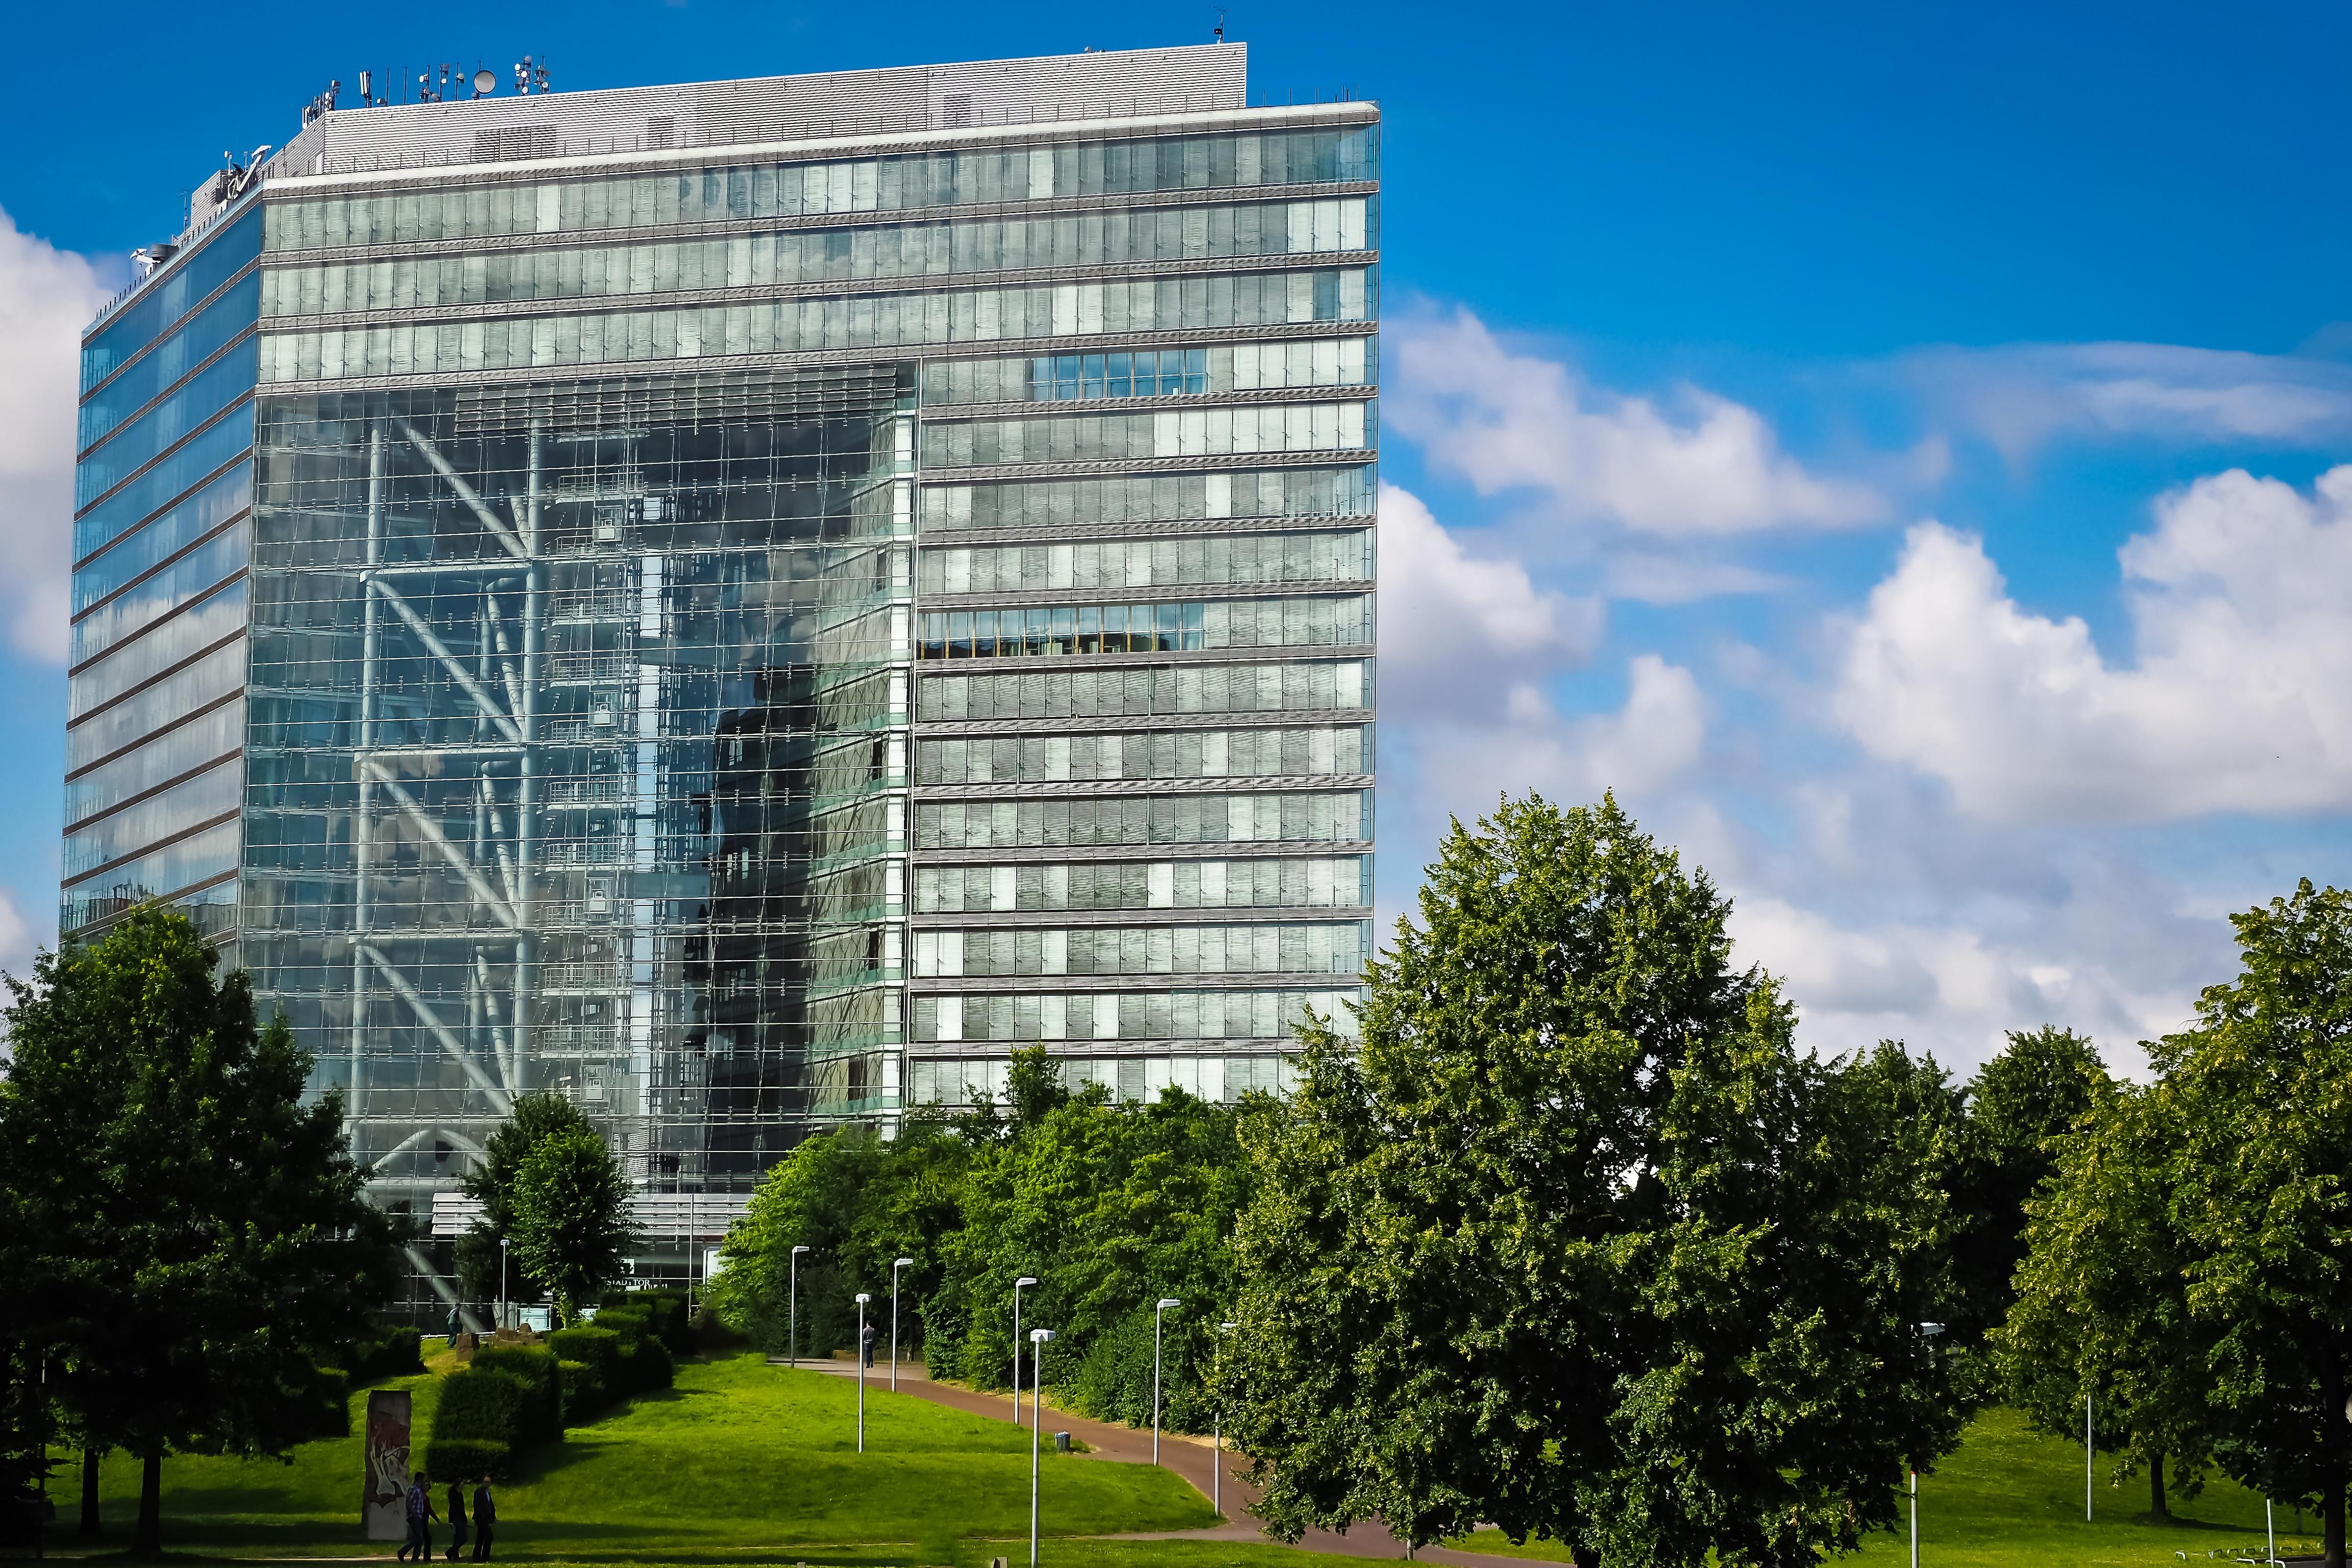 Kostenlose Foto Die Architektur Fenster Glas Gebäude: Kostenlose Foto : Abstrakt, Die Architektur, Fenster, Glas